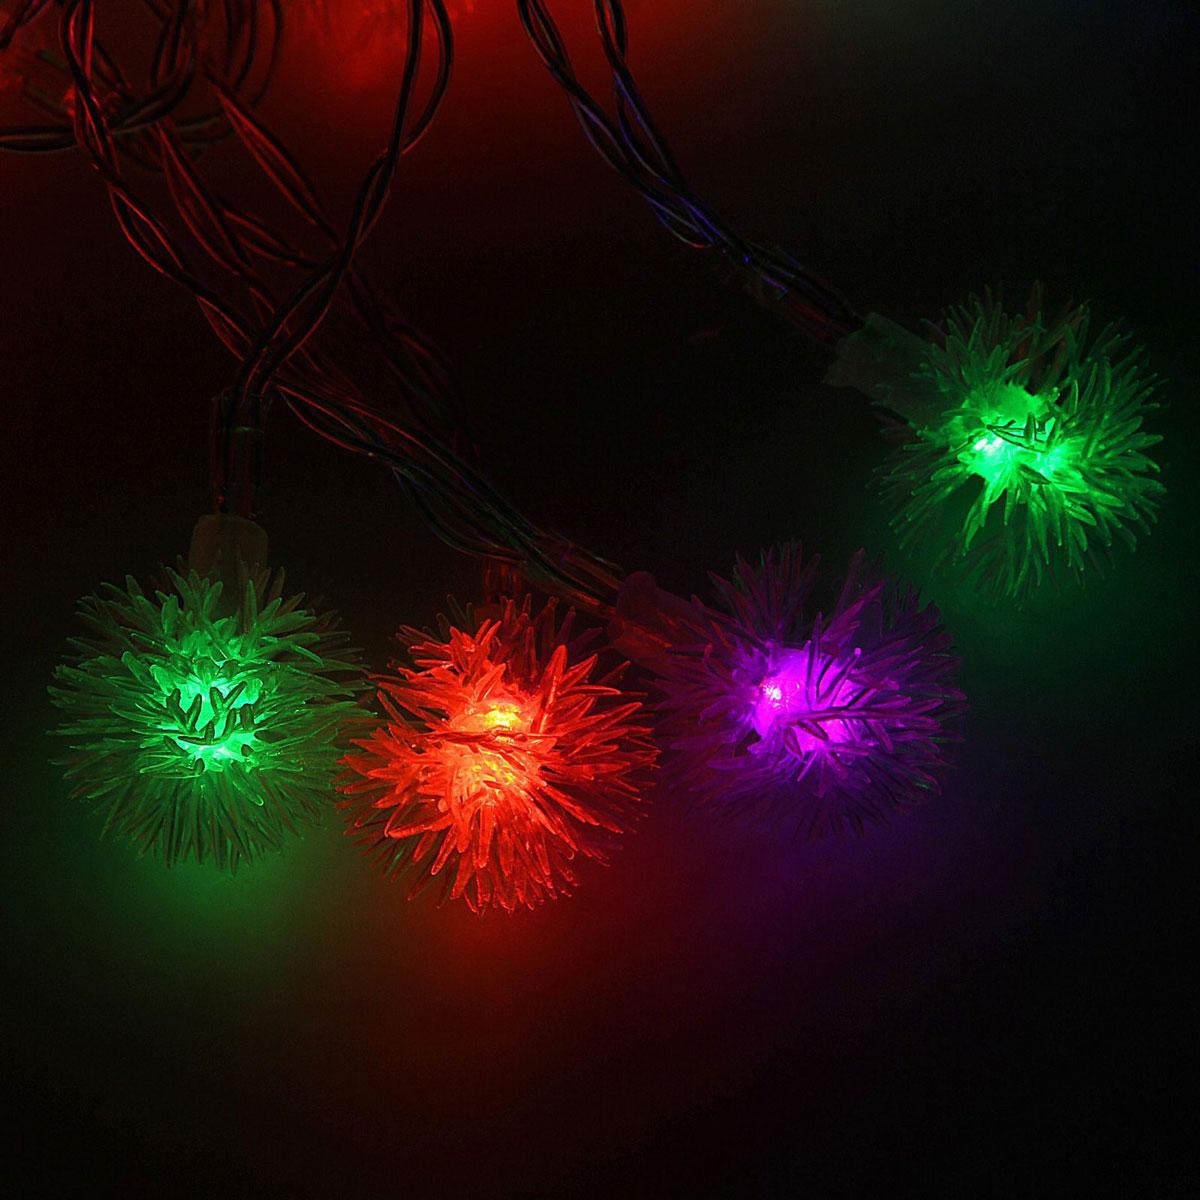 Гирлянда светодиодная Luazon Метраж. Ежики, 20 ламп, 3,6 V, длина 3 м806827Светодиодные гирлянды и ленты — это отличный вариант для новогоднего оформления интерьера или фасада. С их помощью помещение любого размера можно превратить в праздничный зал, а внешние элементы зданий, украшенные ими, мгновенно станут напоминать очертания сказочного дворца. Такие украшения создают ауру предвкушения чуда. Деревья, фасады, витрины, окна и арки будто специально созданы, чтобы вы украсили их светящимися нитями.